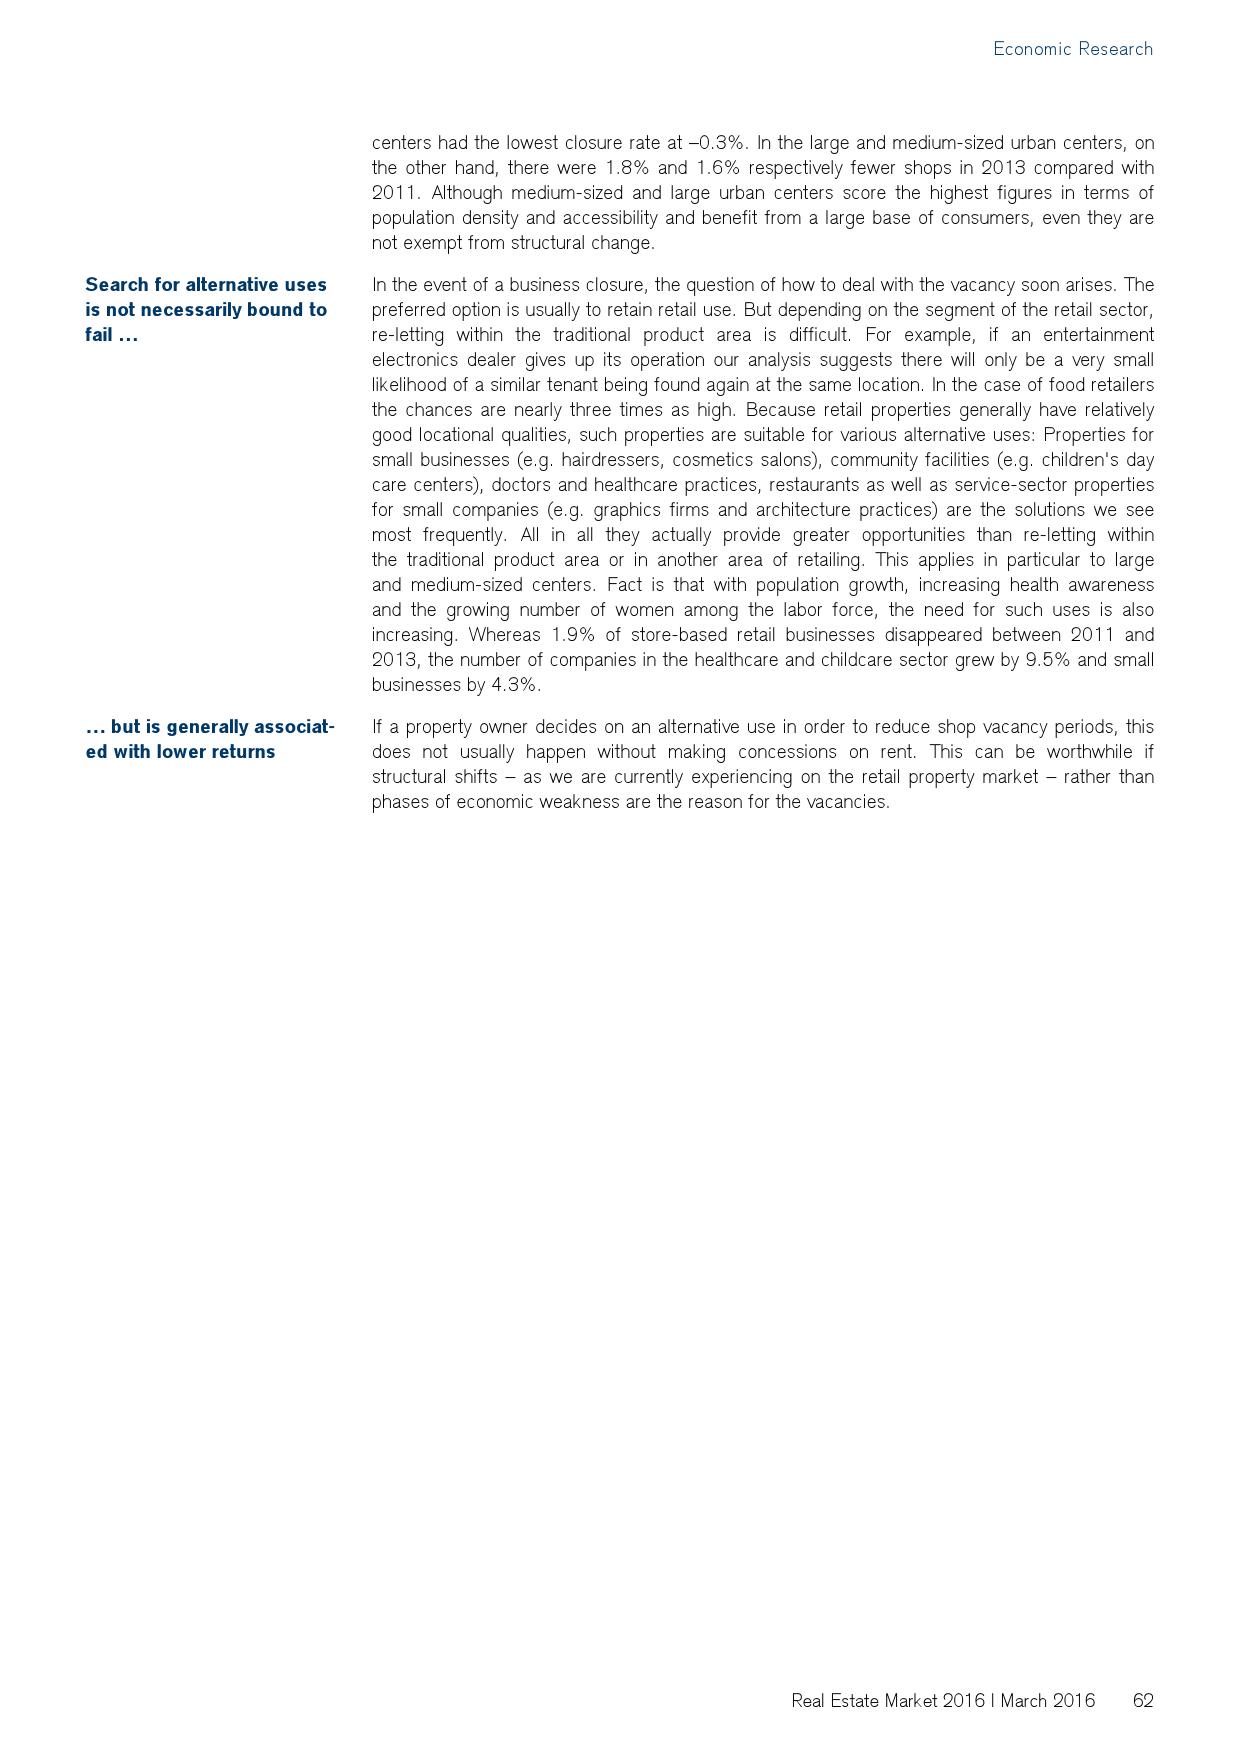 2016年瑞士房地产市场研究报告_000062